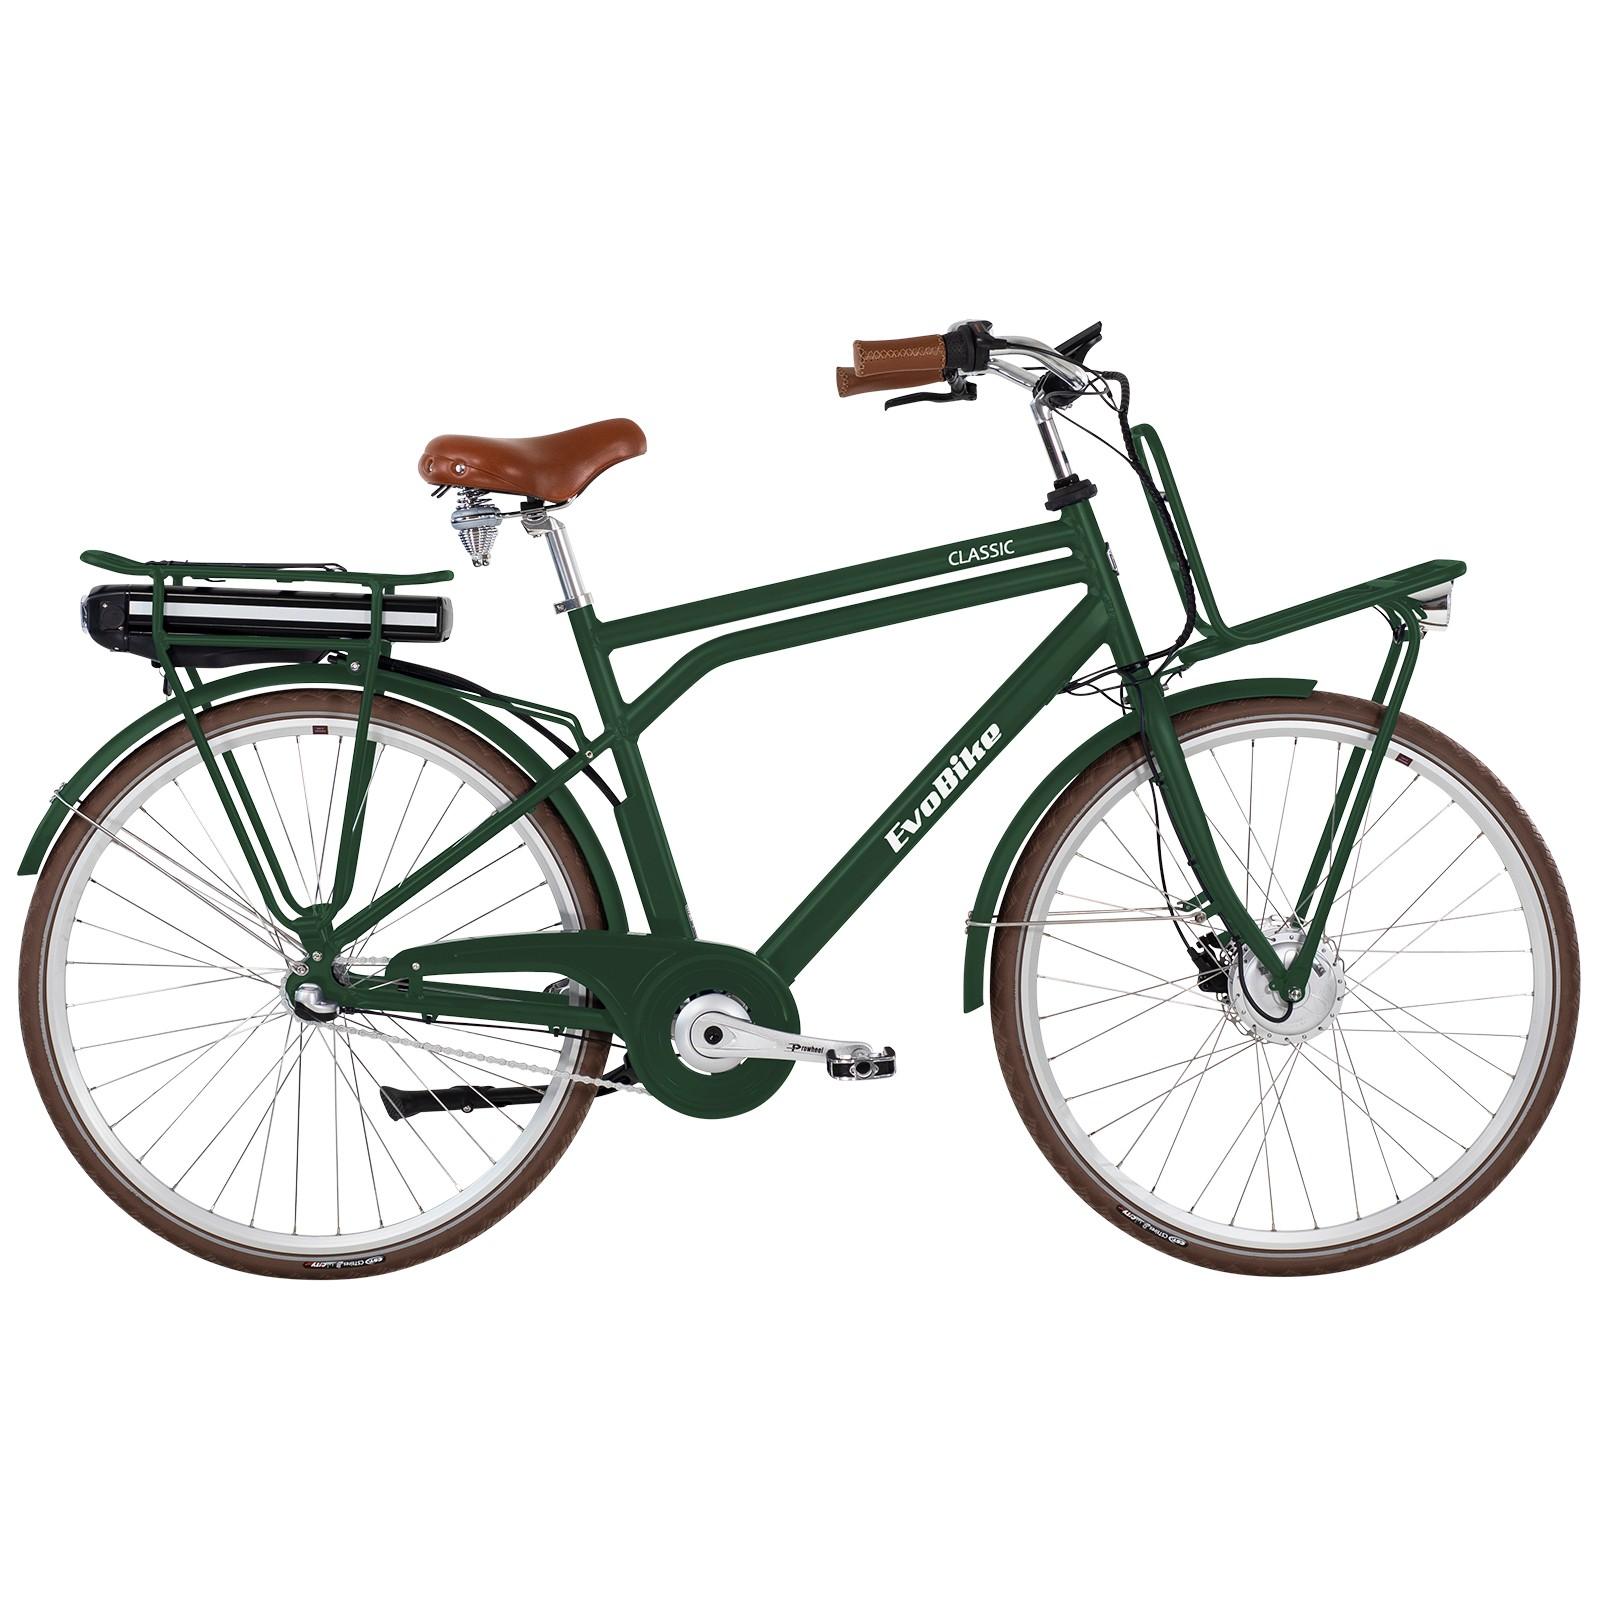 Evobike Elcykel EvoBike CLASSIC-3 250W - Herr